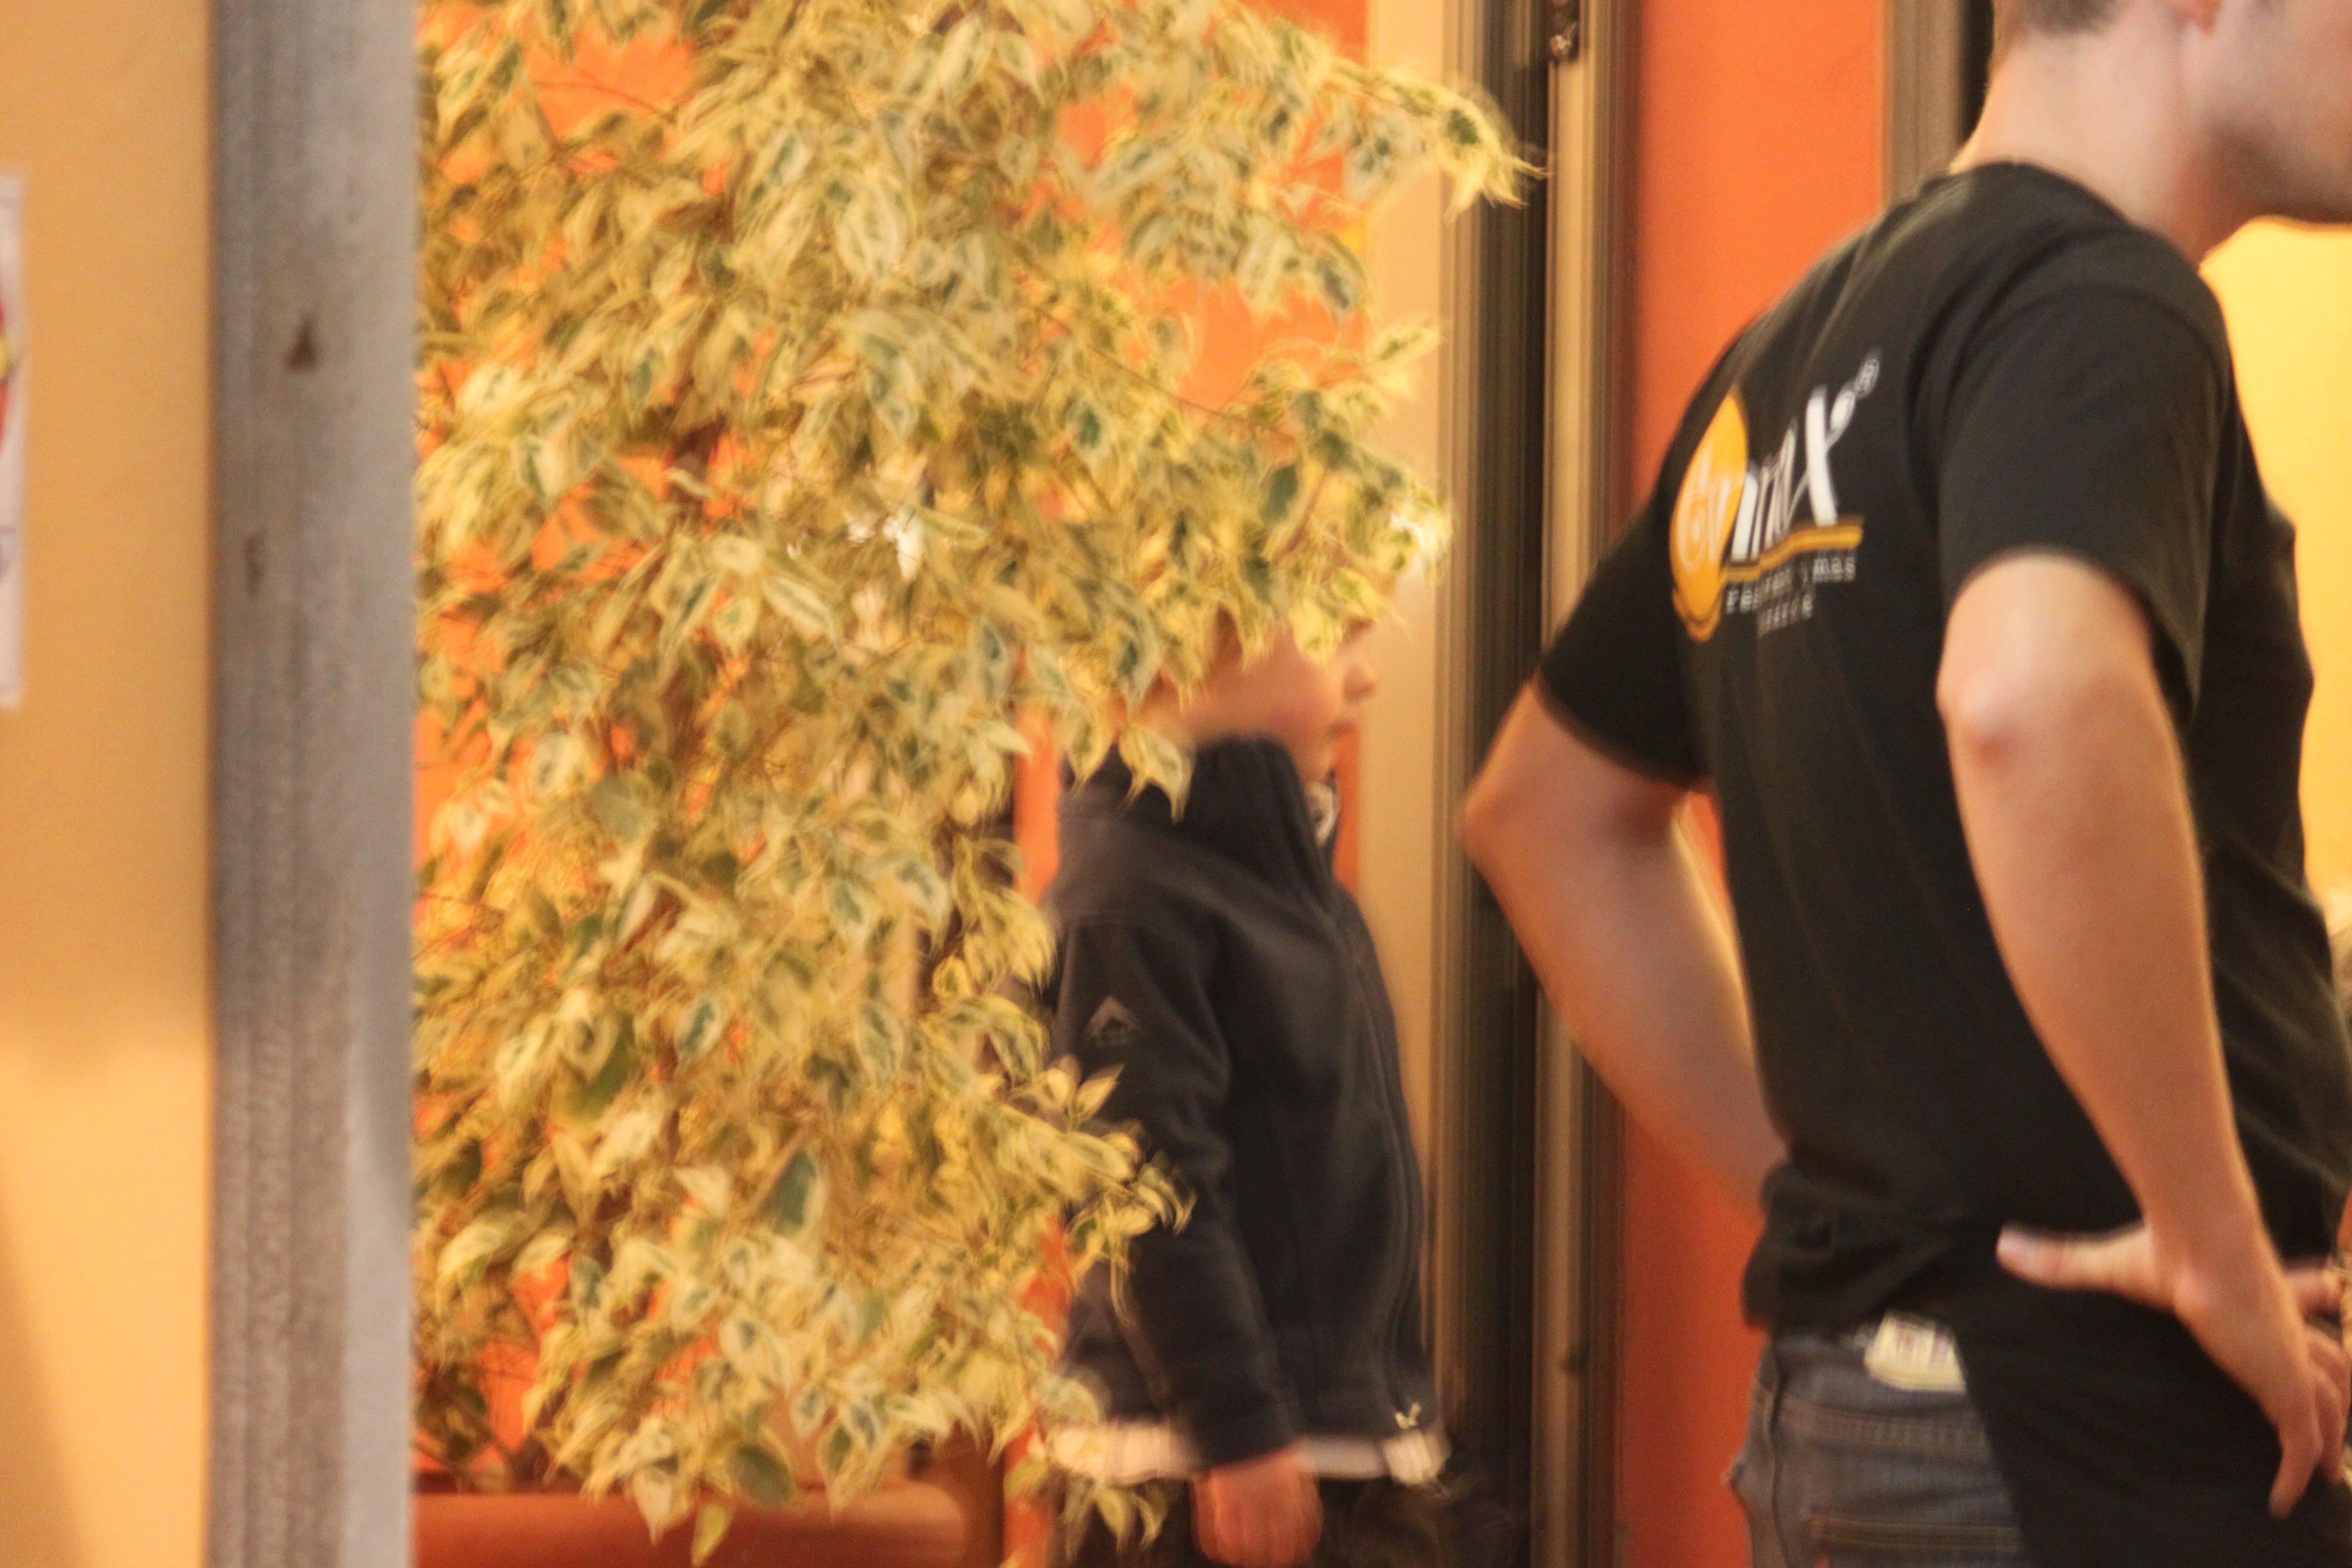 Paul hilft dem Kellner im spanischen Restaurant © KidsAway